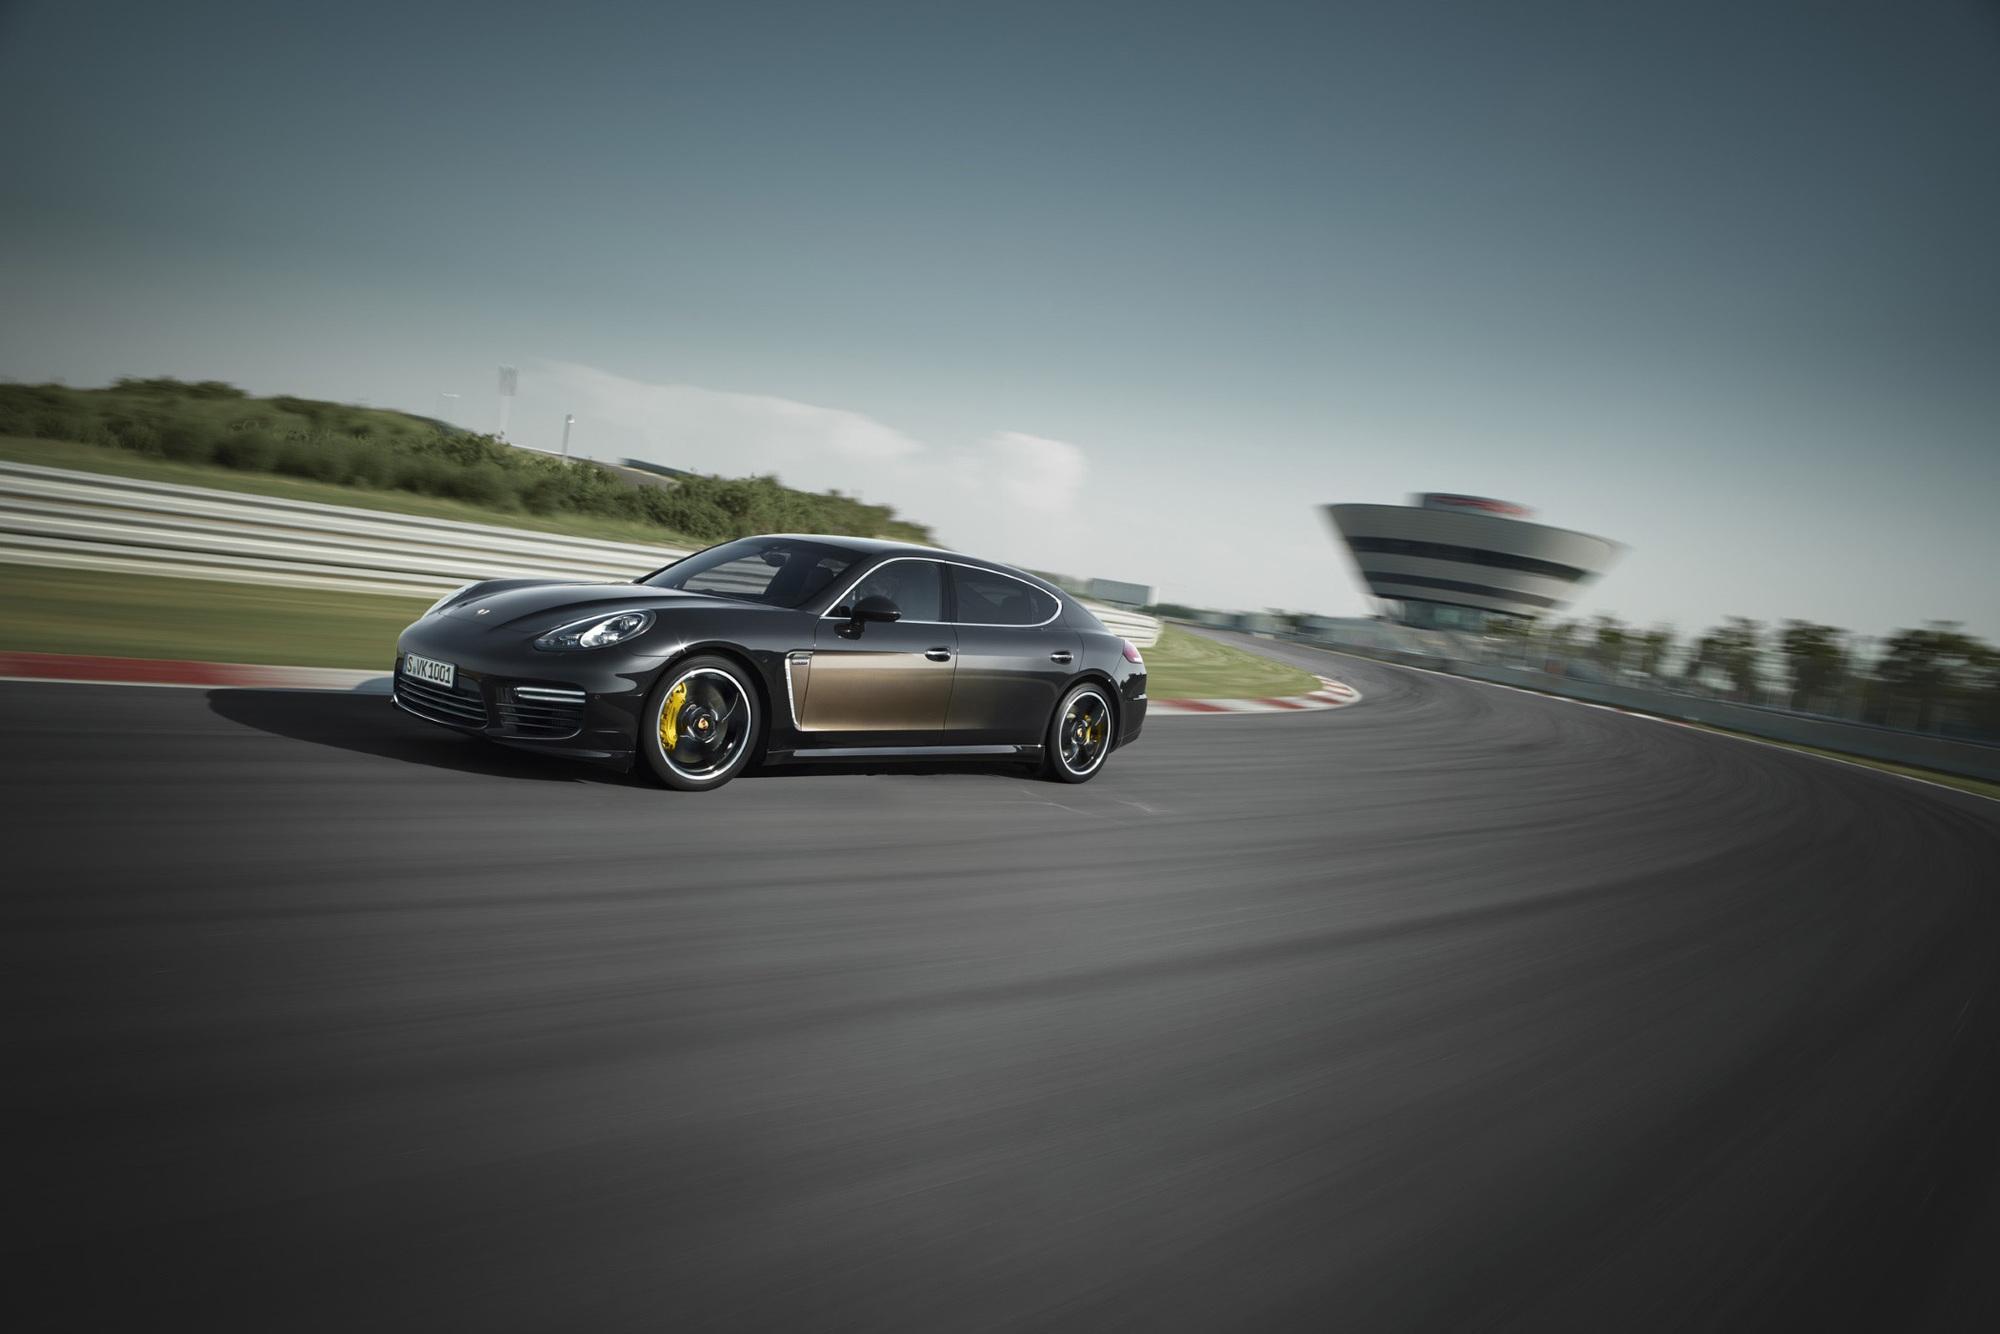 Porsche Panamera Exclusive Series  - Luxus mit Wisch-Effekt